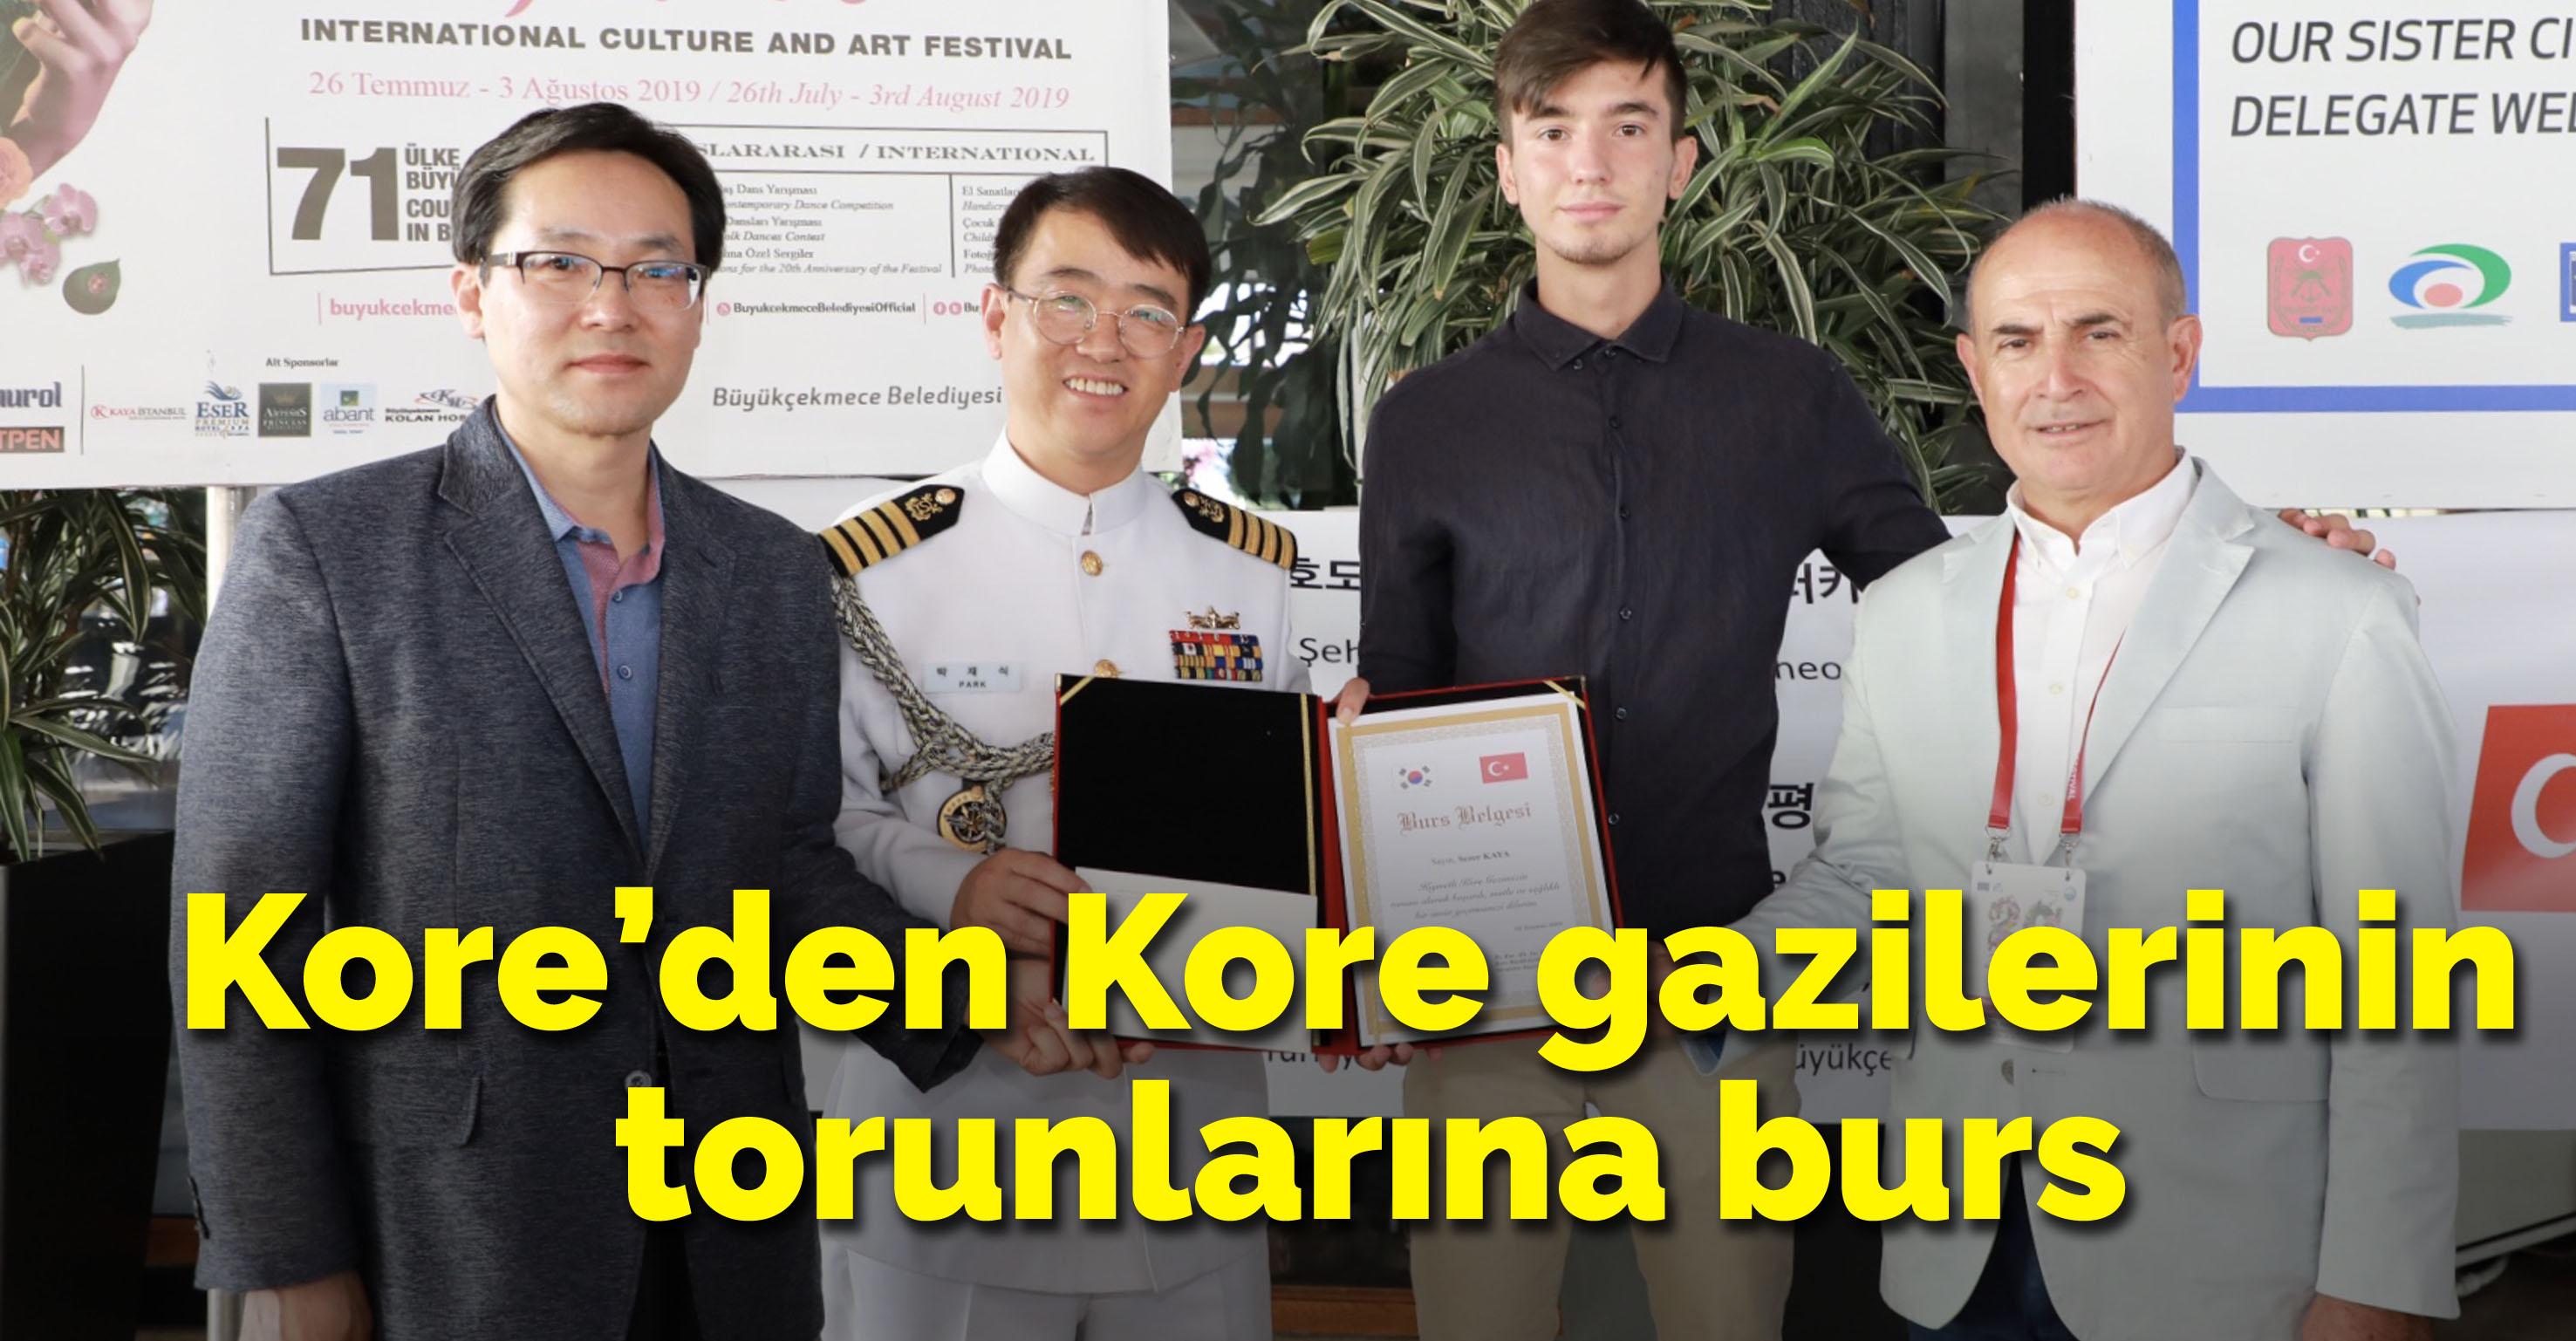 Kore'den Kore gazilerinin torunlarına burs